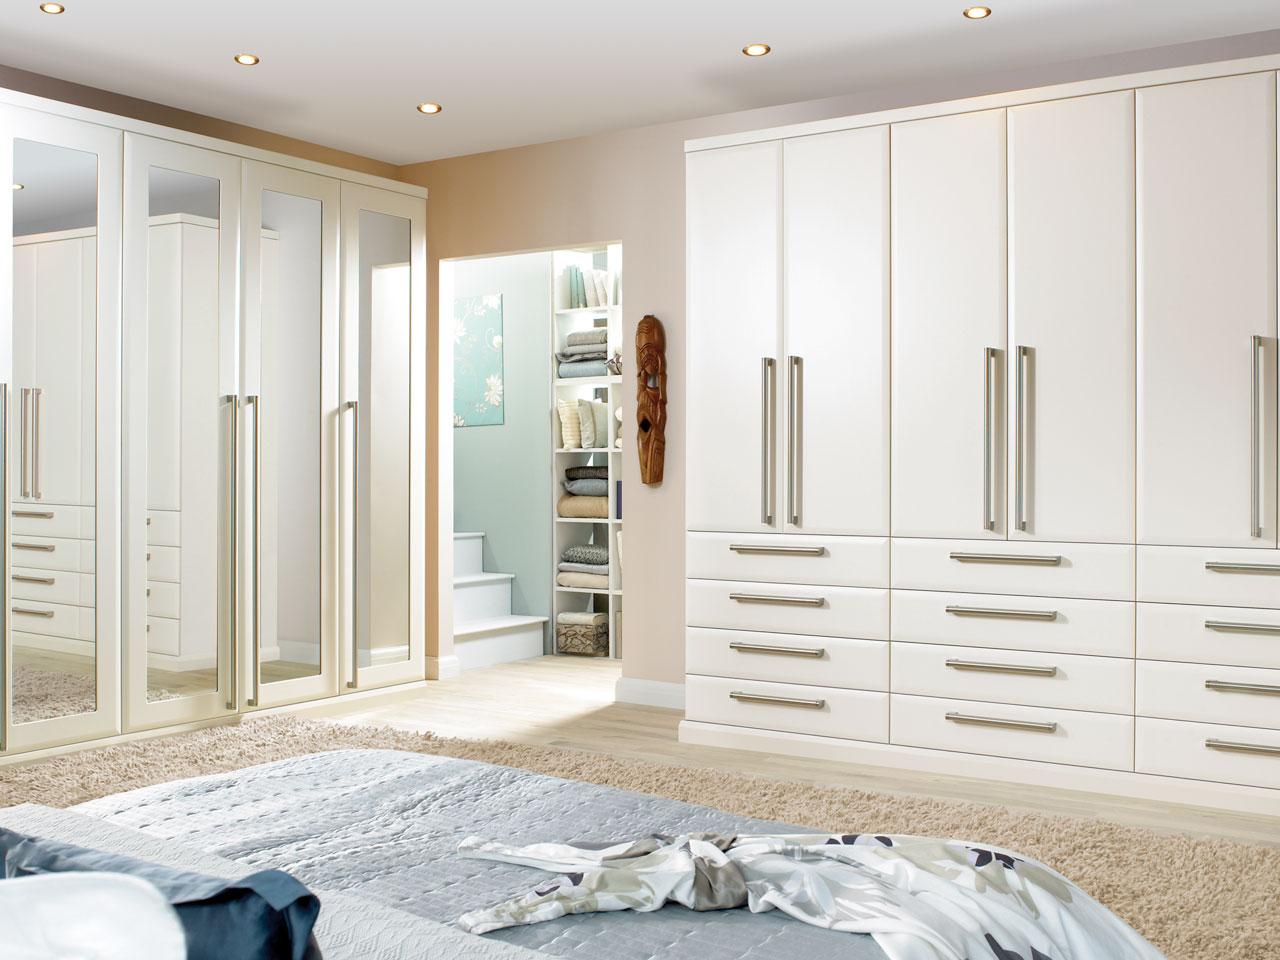 Luton Bedrooms 5